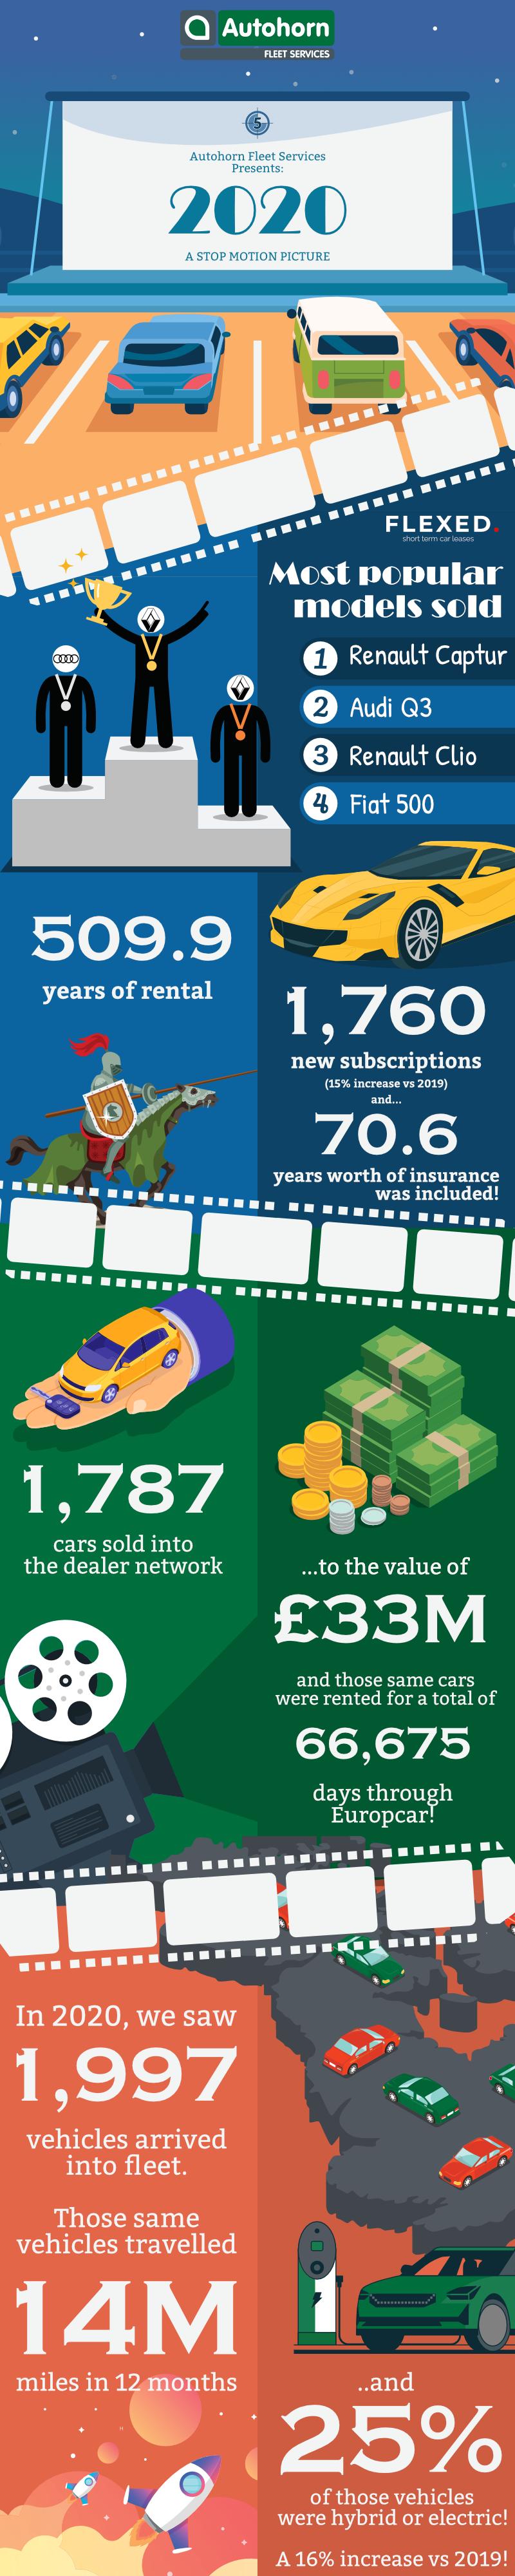 2020-infographic-Autohorn